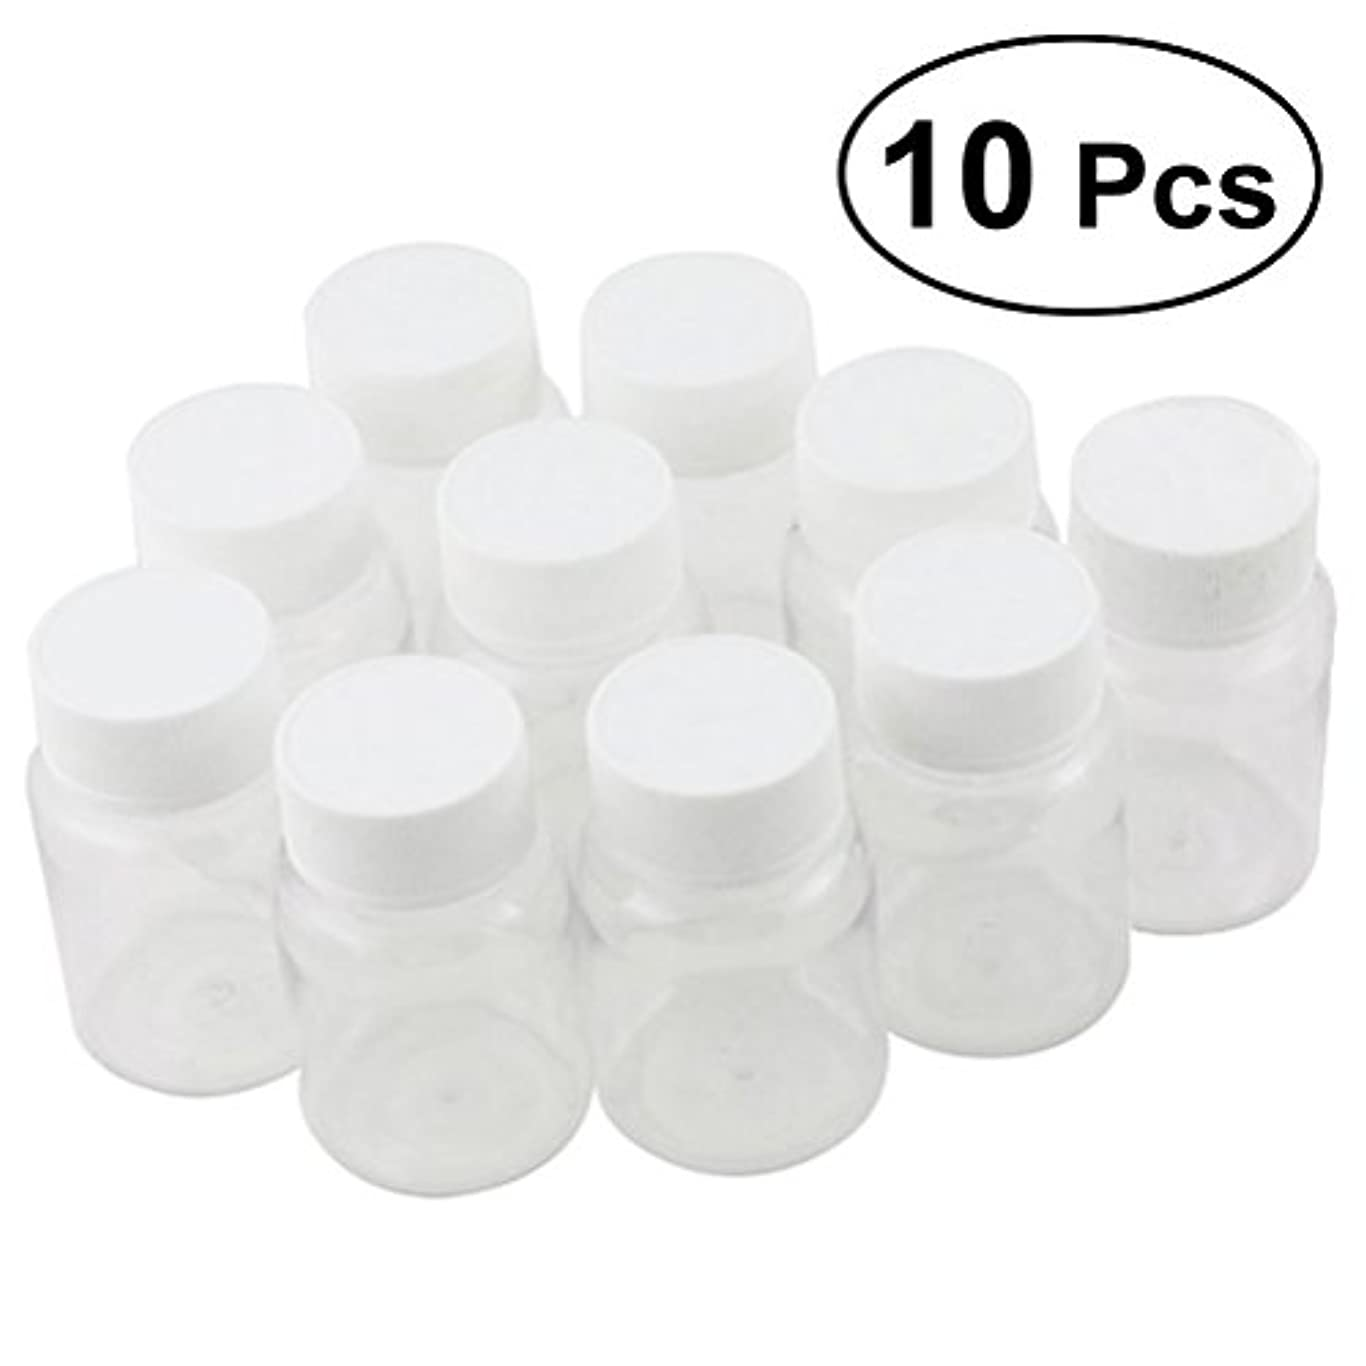 野な検証エミュレーションULTNICE 小分けボトル 広口 クリア 詰め替え容器 薬保存 ビーズ収納 液体 10個セット